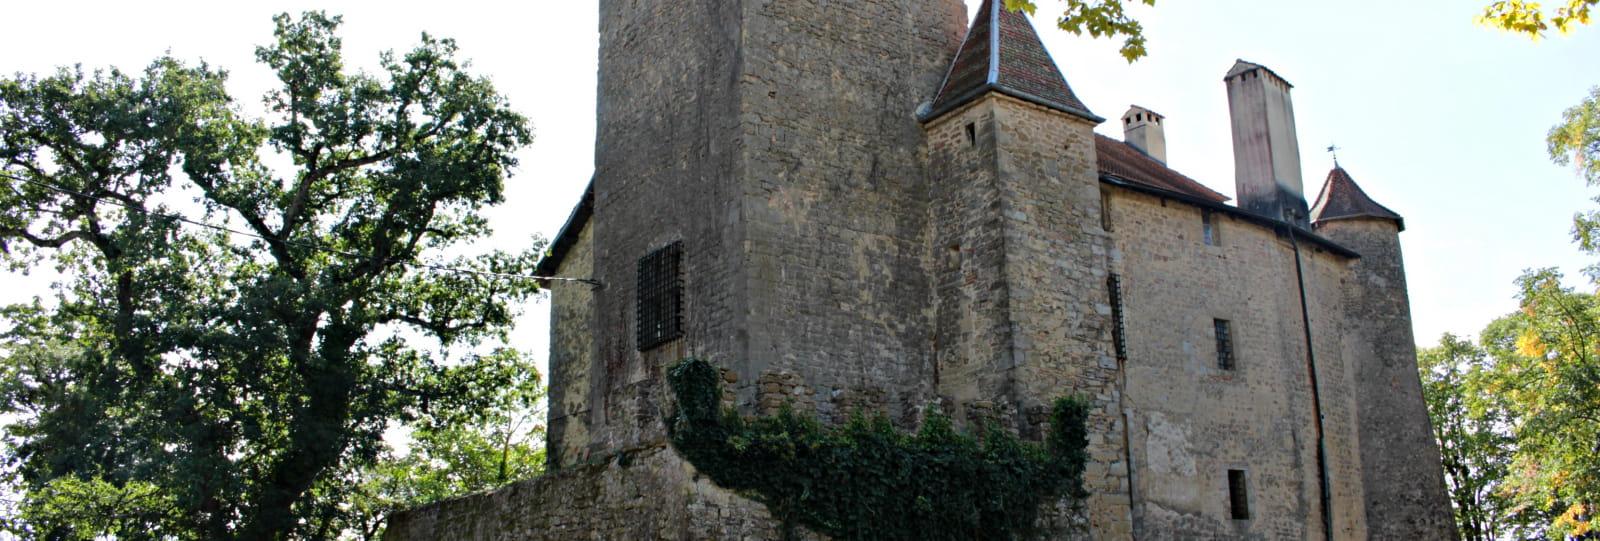 Château de Charmes sur l'Herbasse _